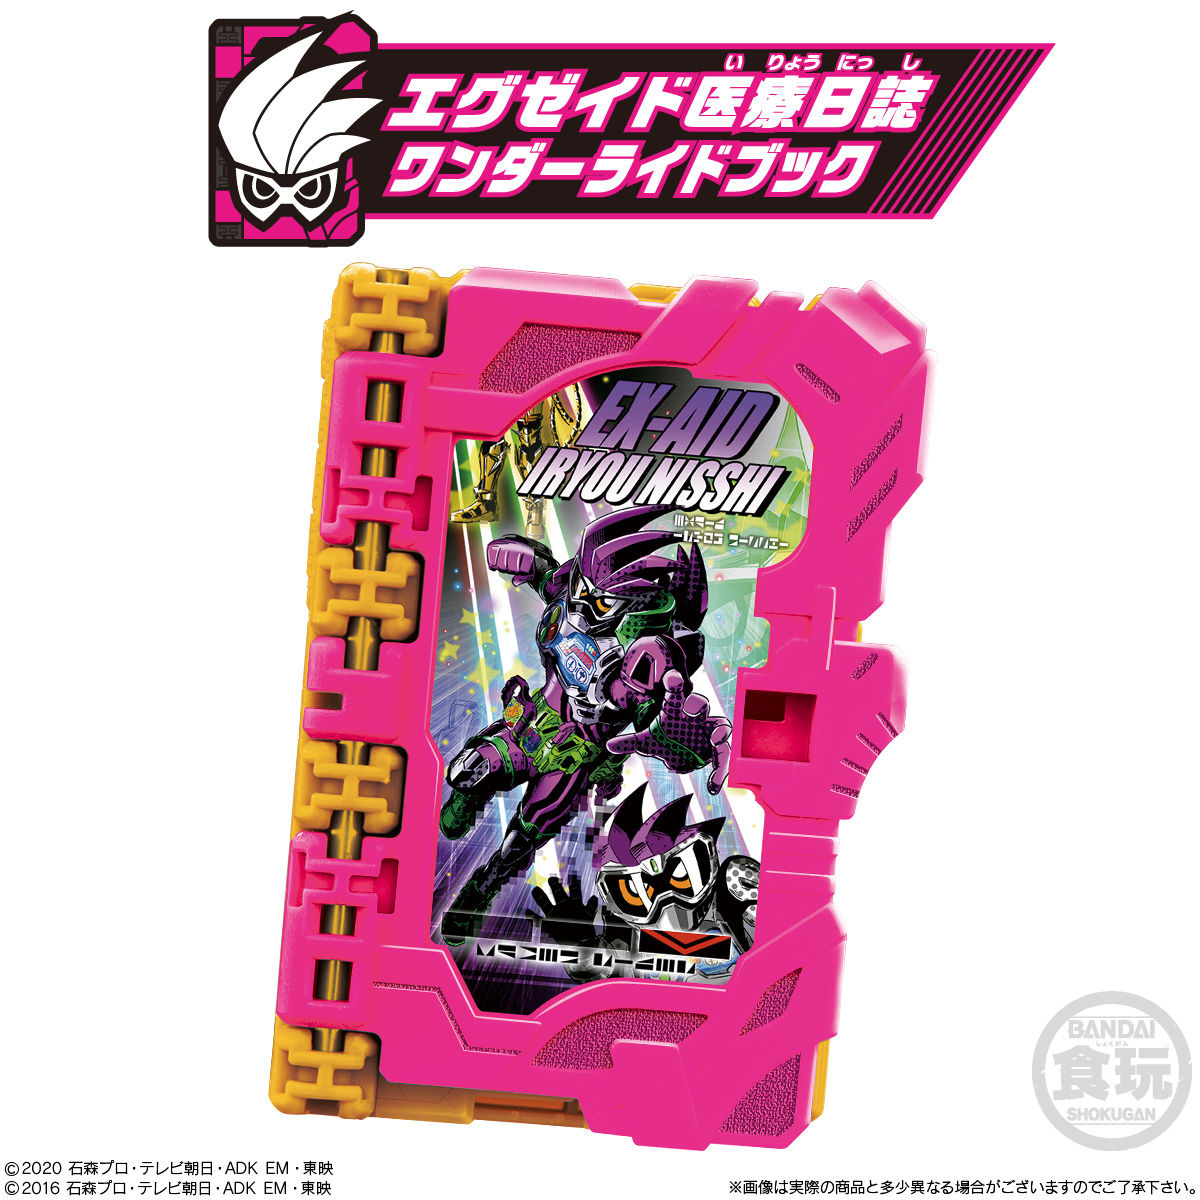 【食玩】仮面ライダーセイバー『コレクタブルワンダーライドブック SG06』8個入りBOX-005